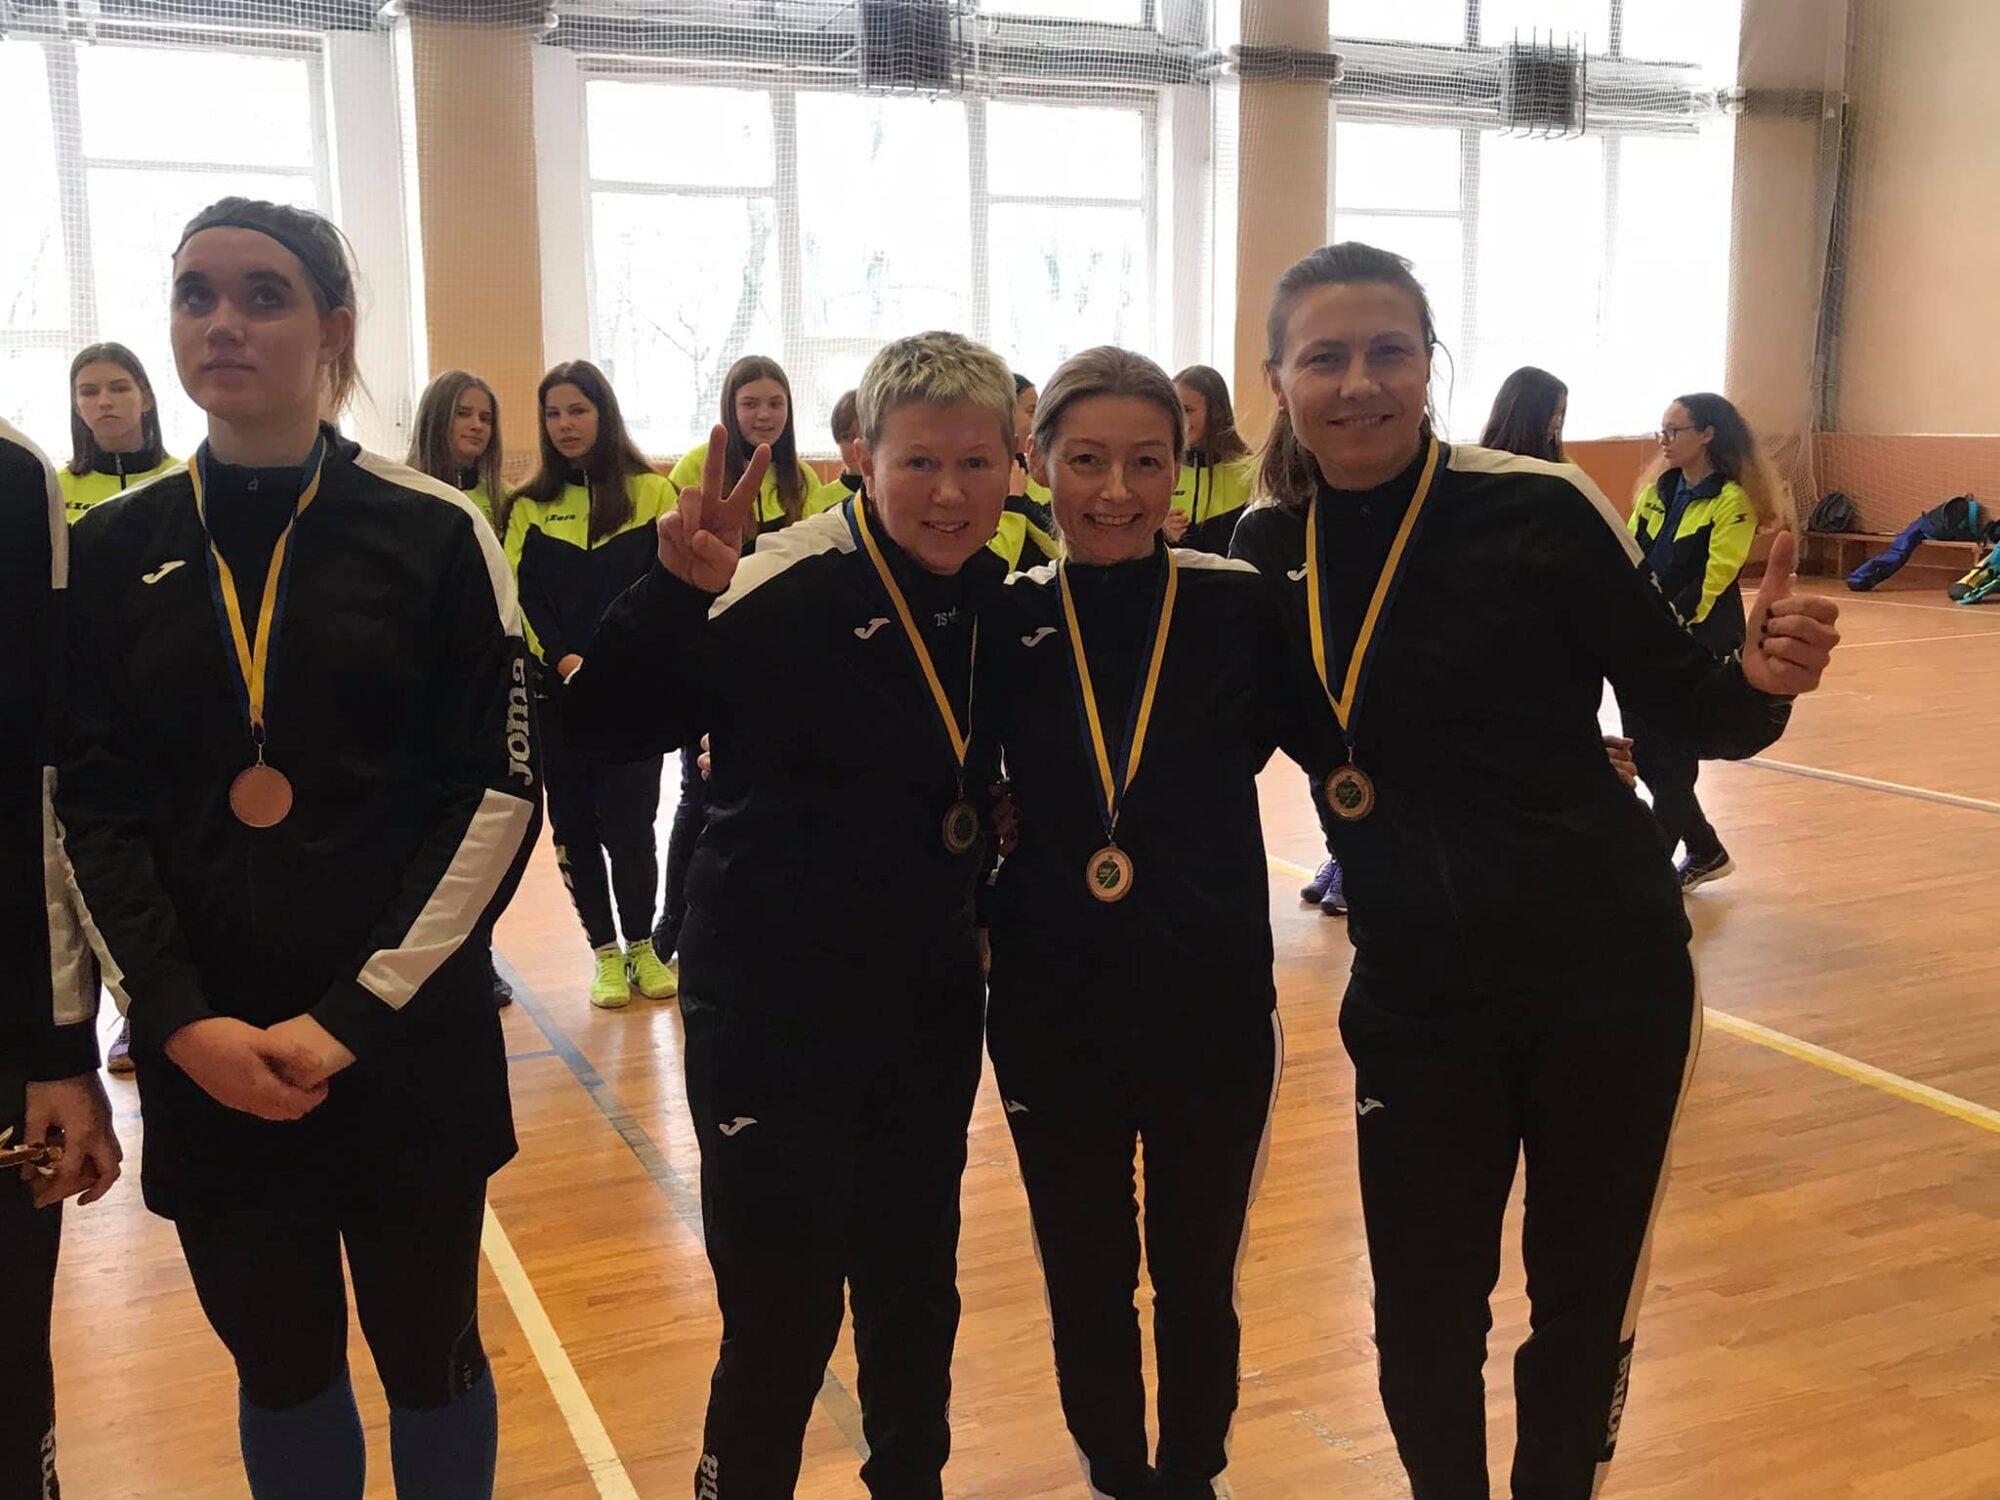 Спортсменки із Борисполя здобули бронзу на чемпіонаті України з хокею на траві - хокей - 147671407 714543902570661 7239366491208147008 o 2000x1500